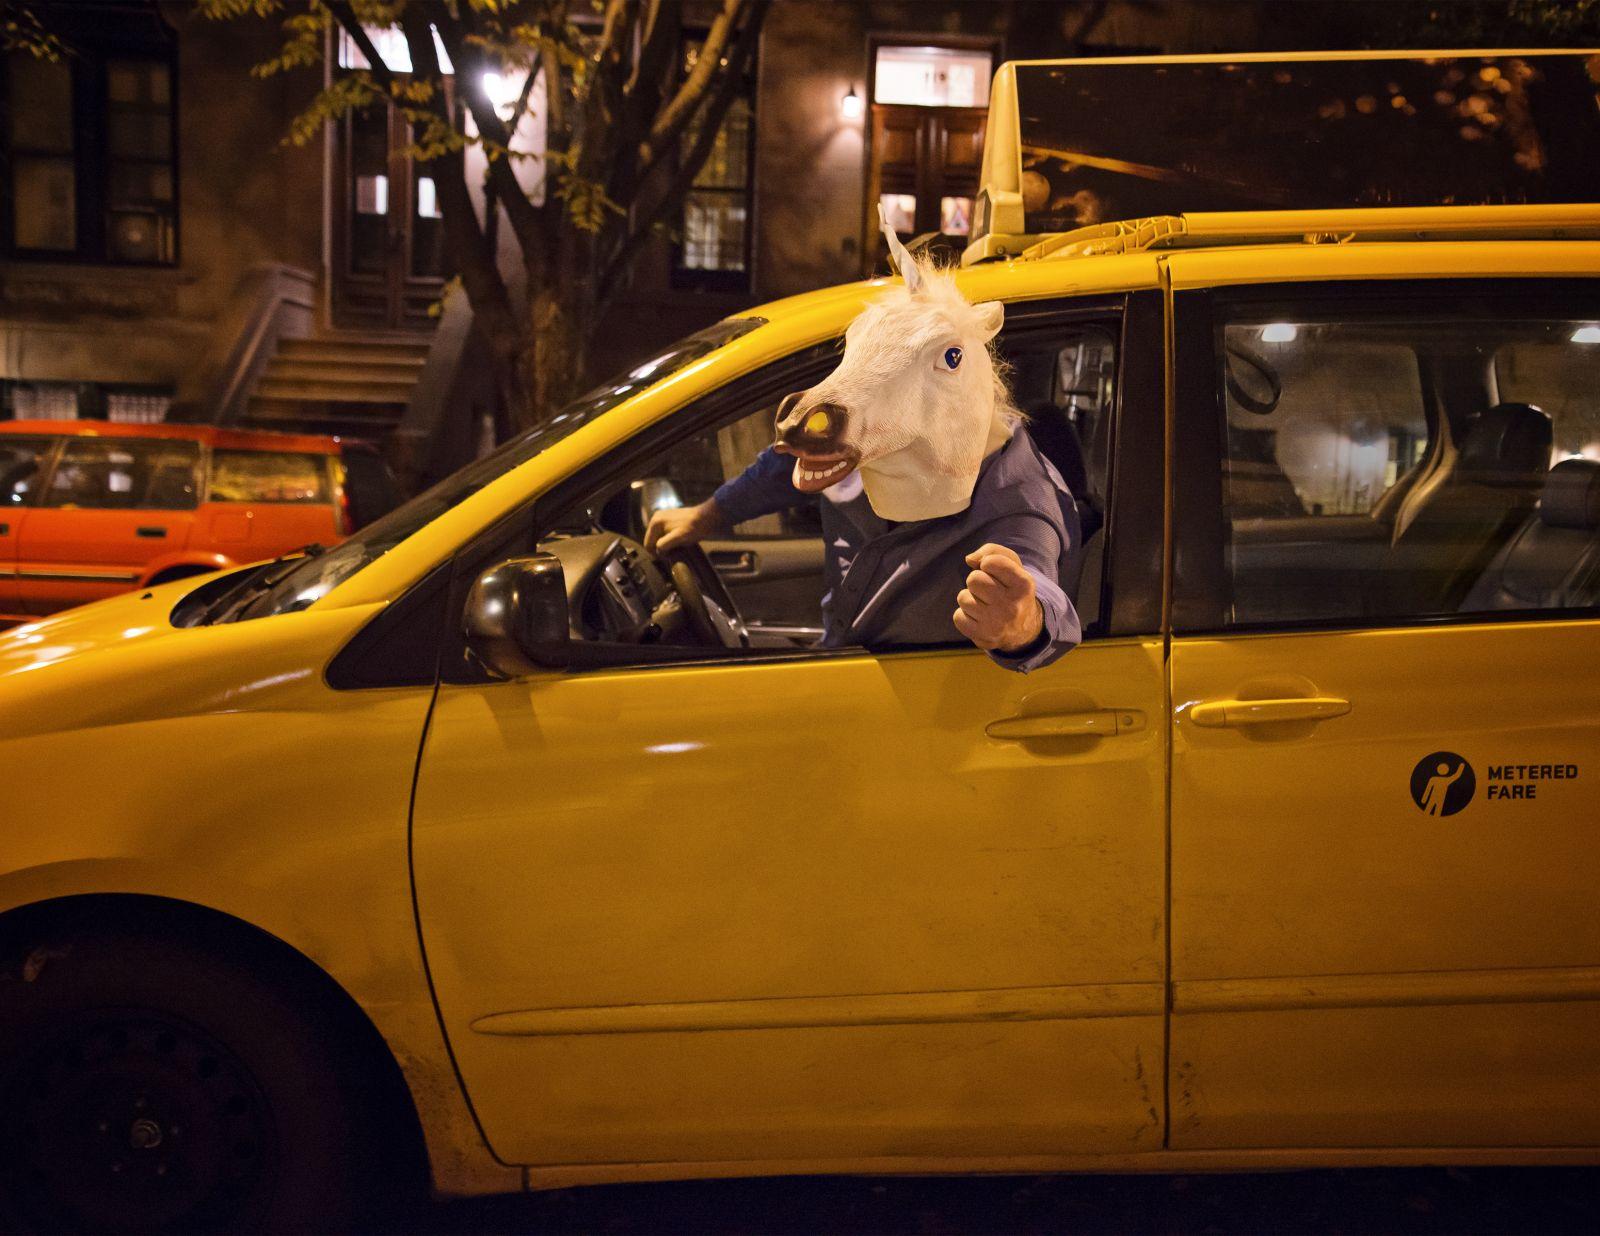 Смешные картинки таксисты, пригласительную